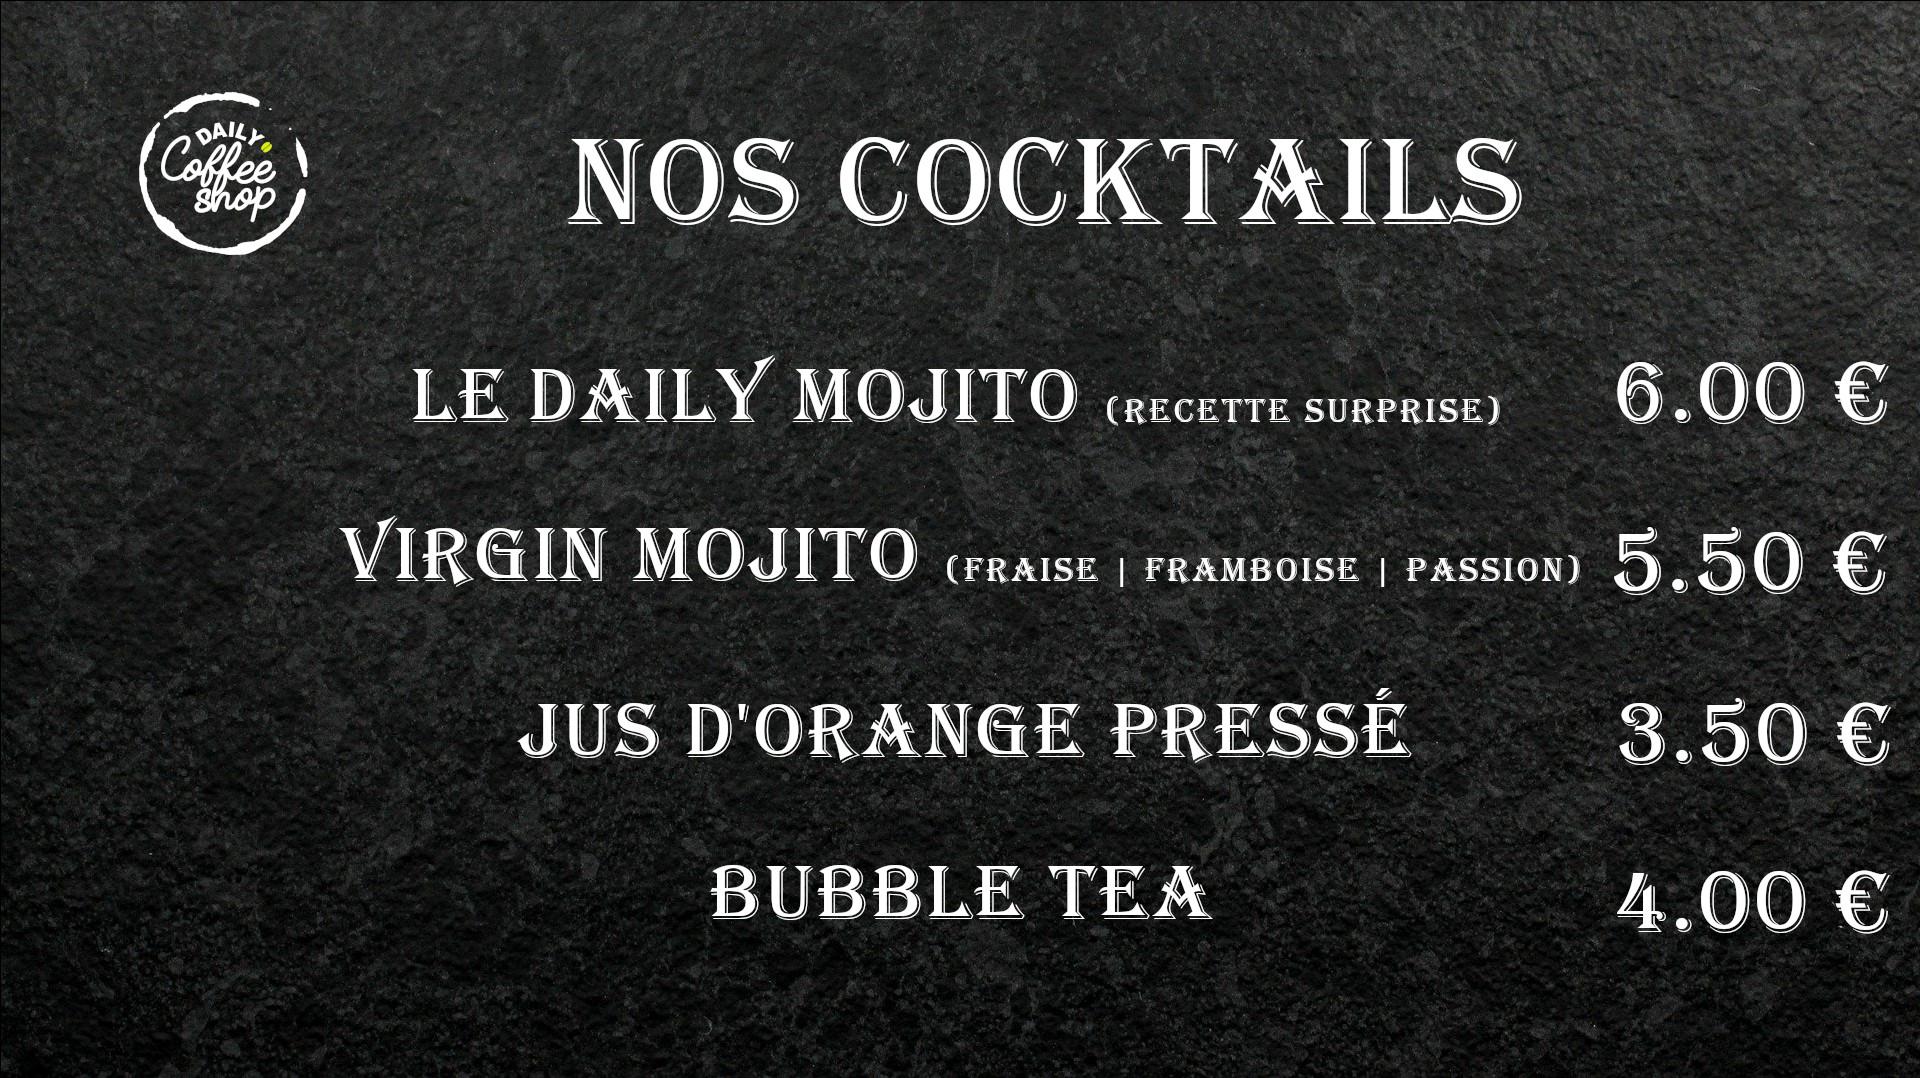 Images du menu nos cocktails de Daily Coffee Shop